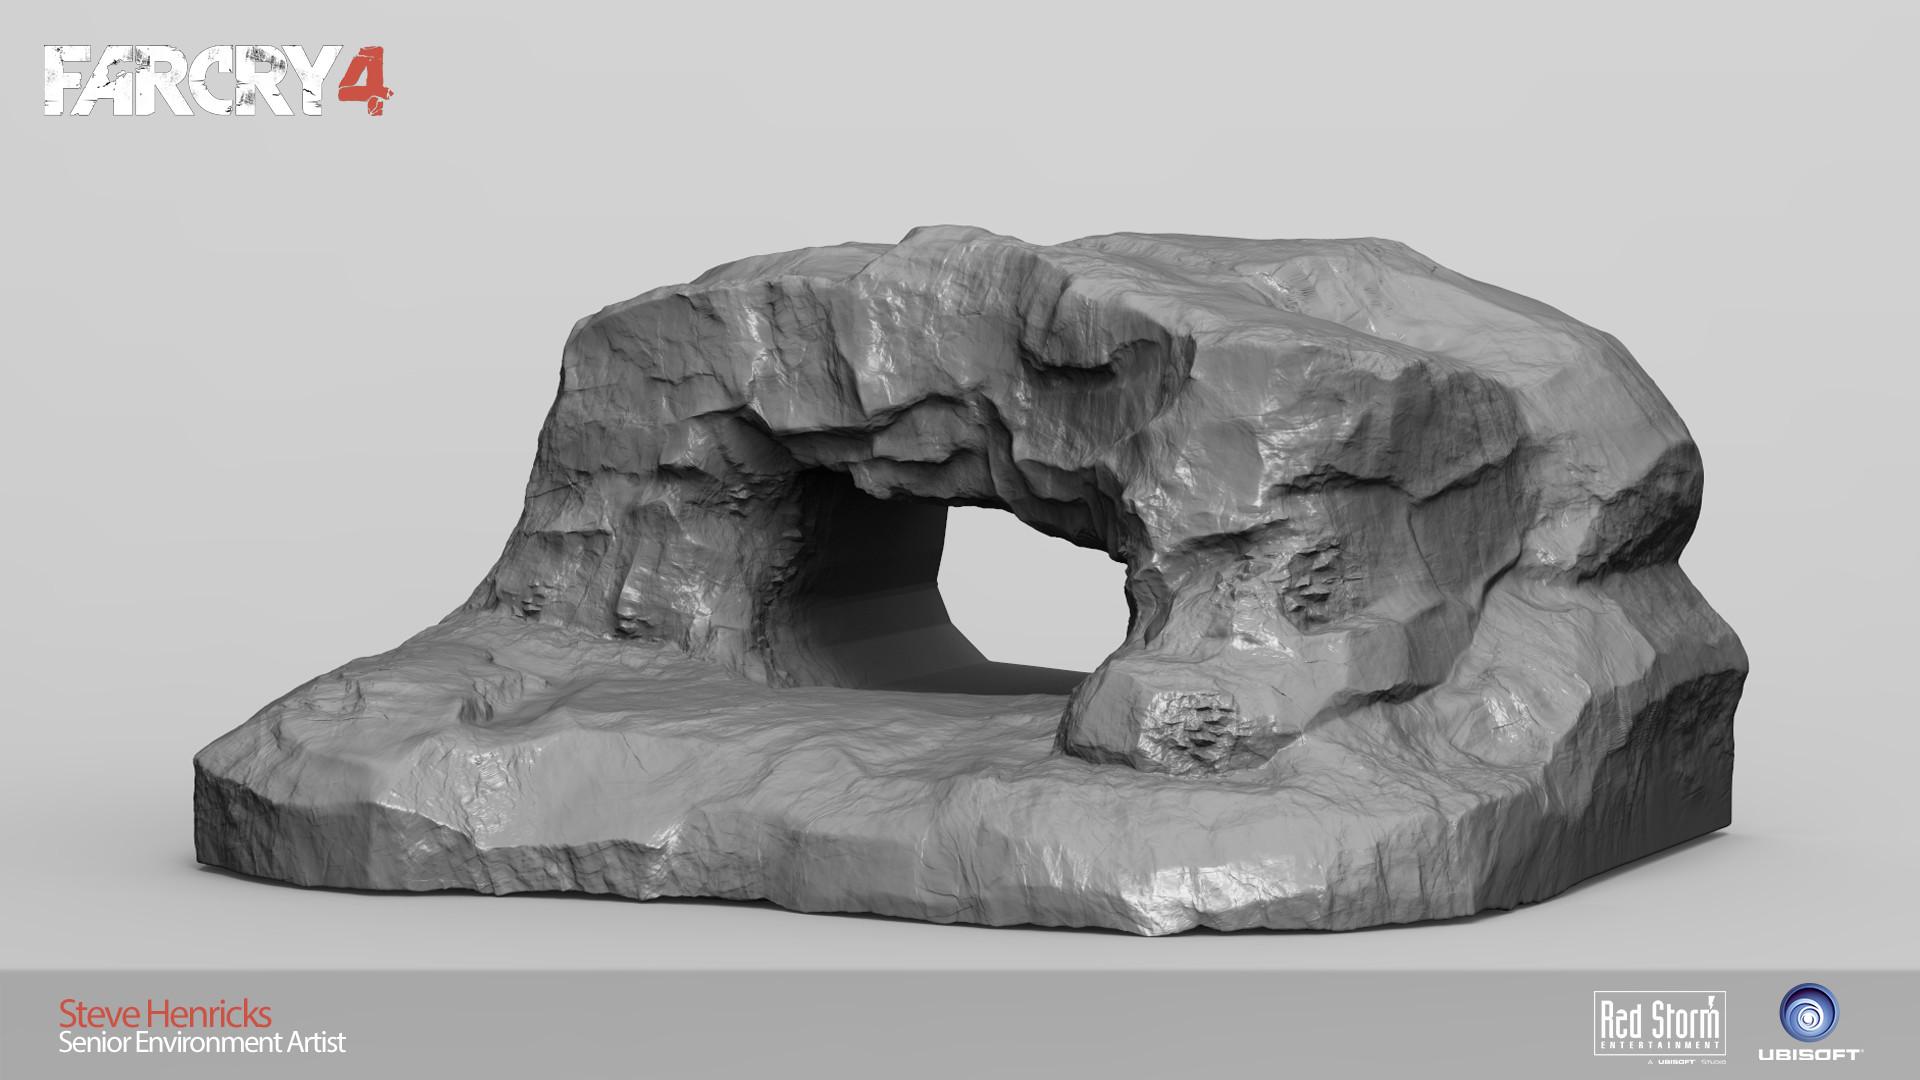 Steve henricks cavesculpt2